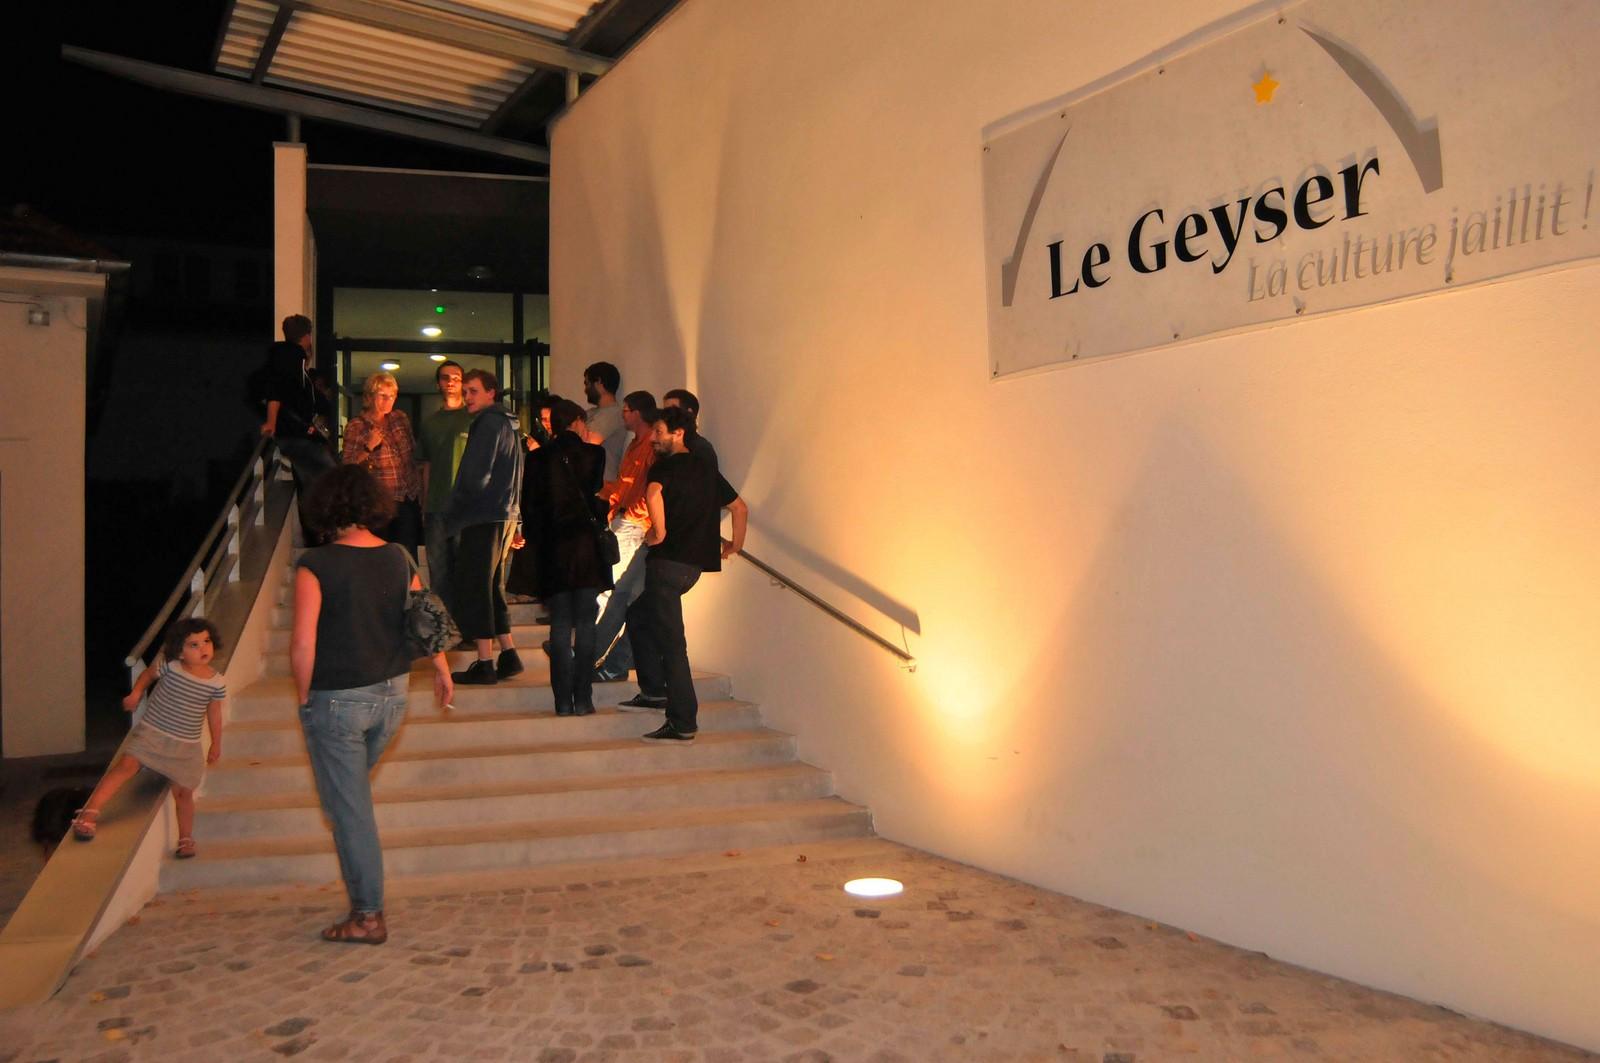 Entrée du Geyser avant un spectacle Bellerive